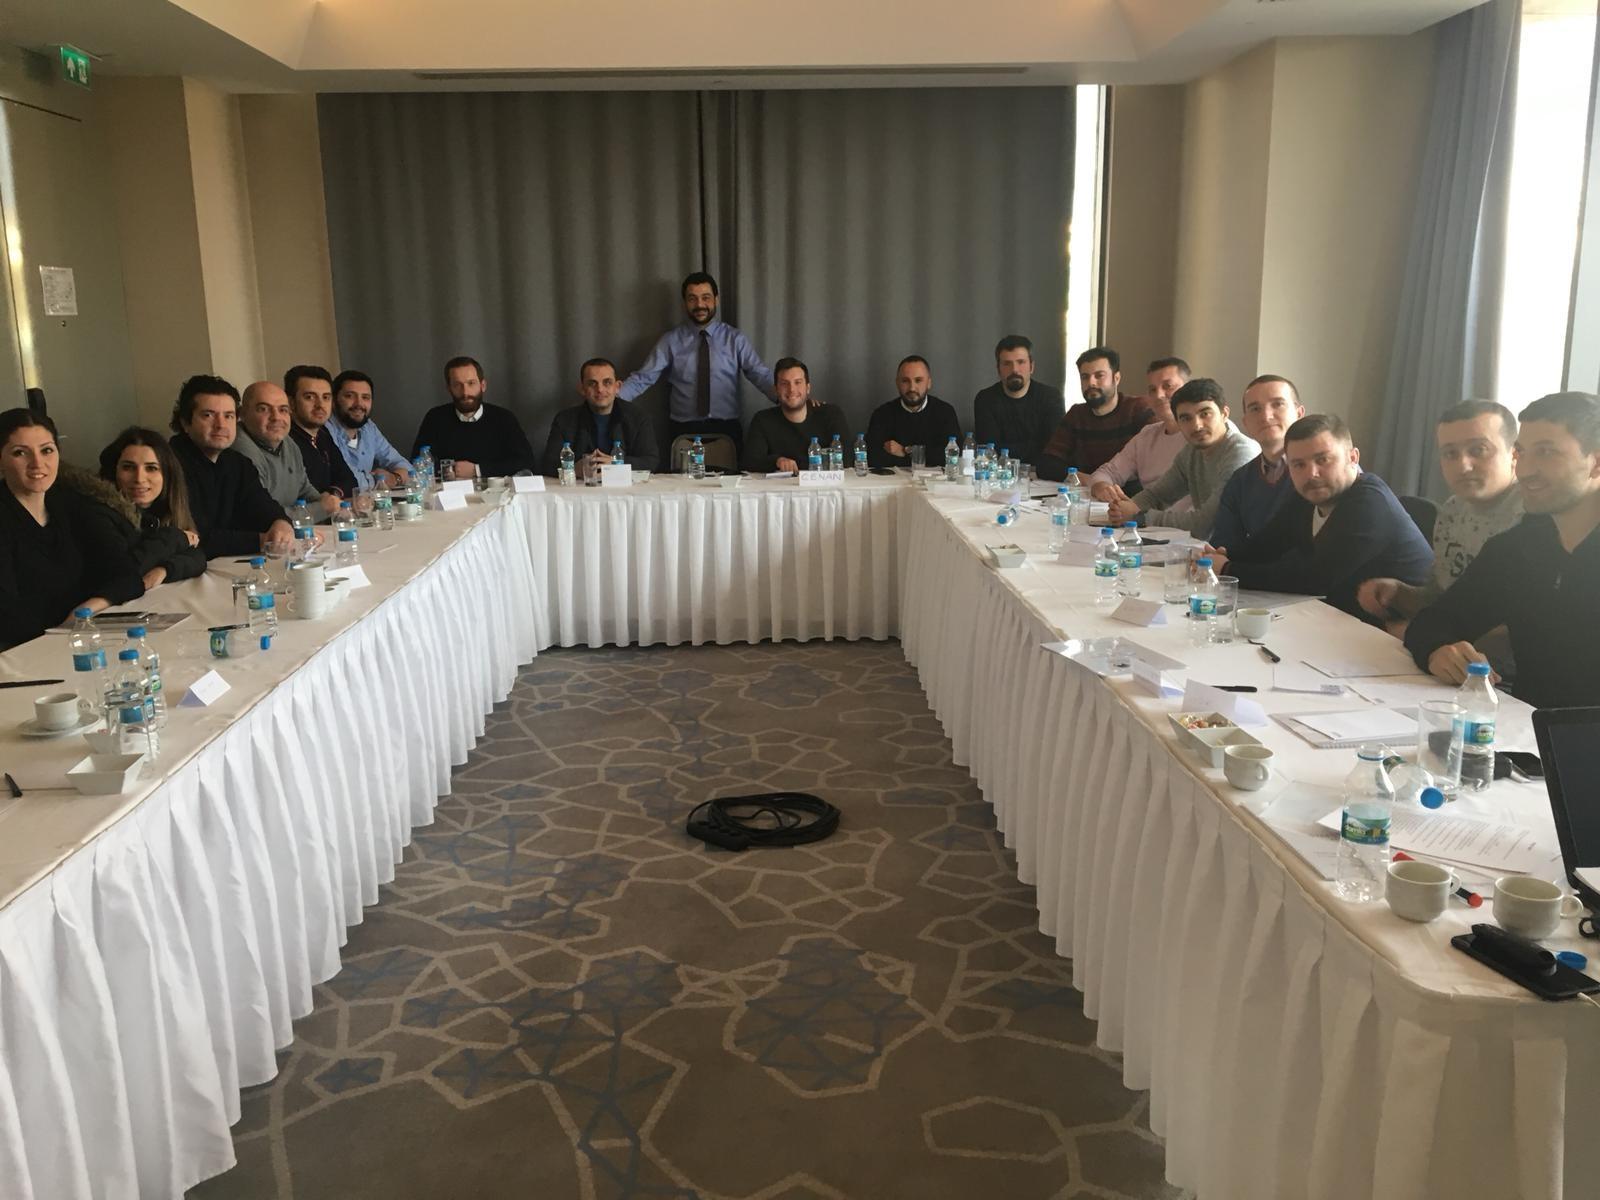 SMC ŞUBAT 2019 STRES VE ETKİLİ ZAMAN YÖNETİMİ EĞİTİMİ